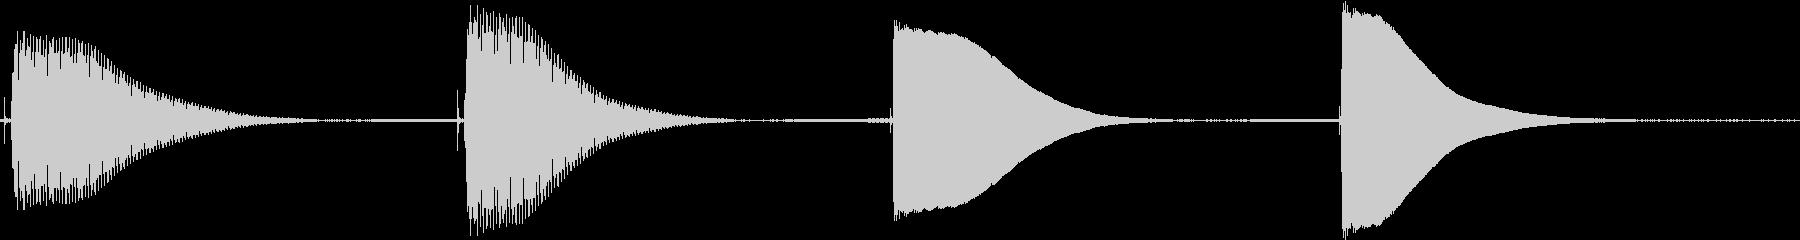 トーンベースシングルヒットの未再生の波形